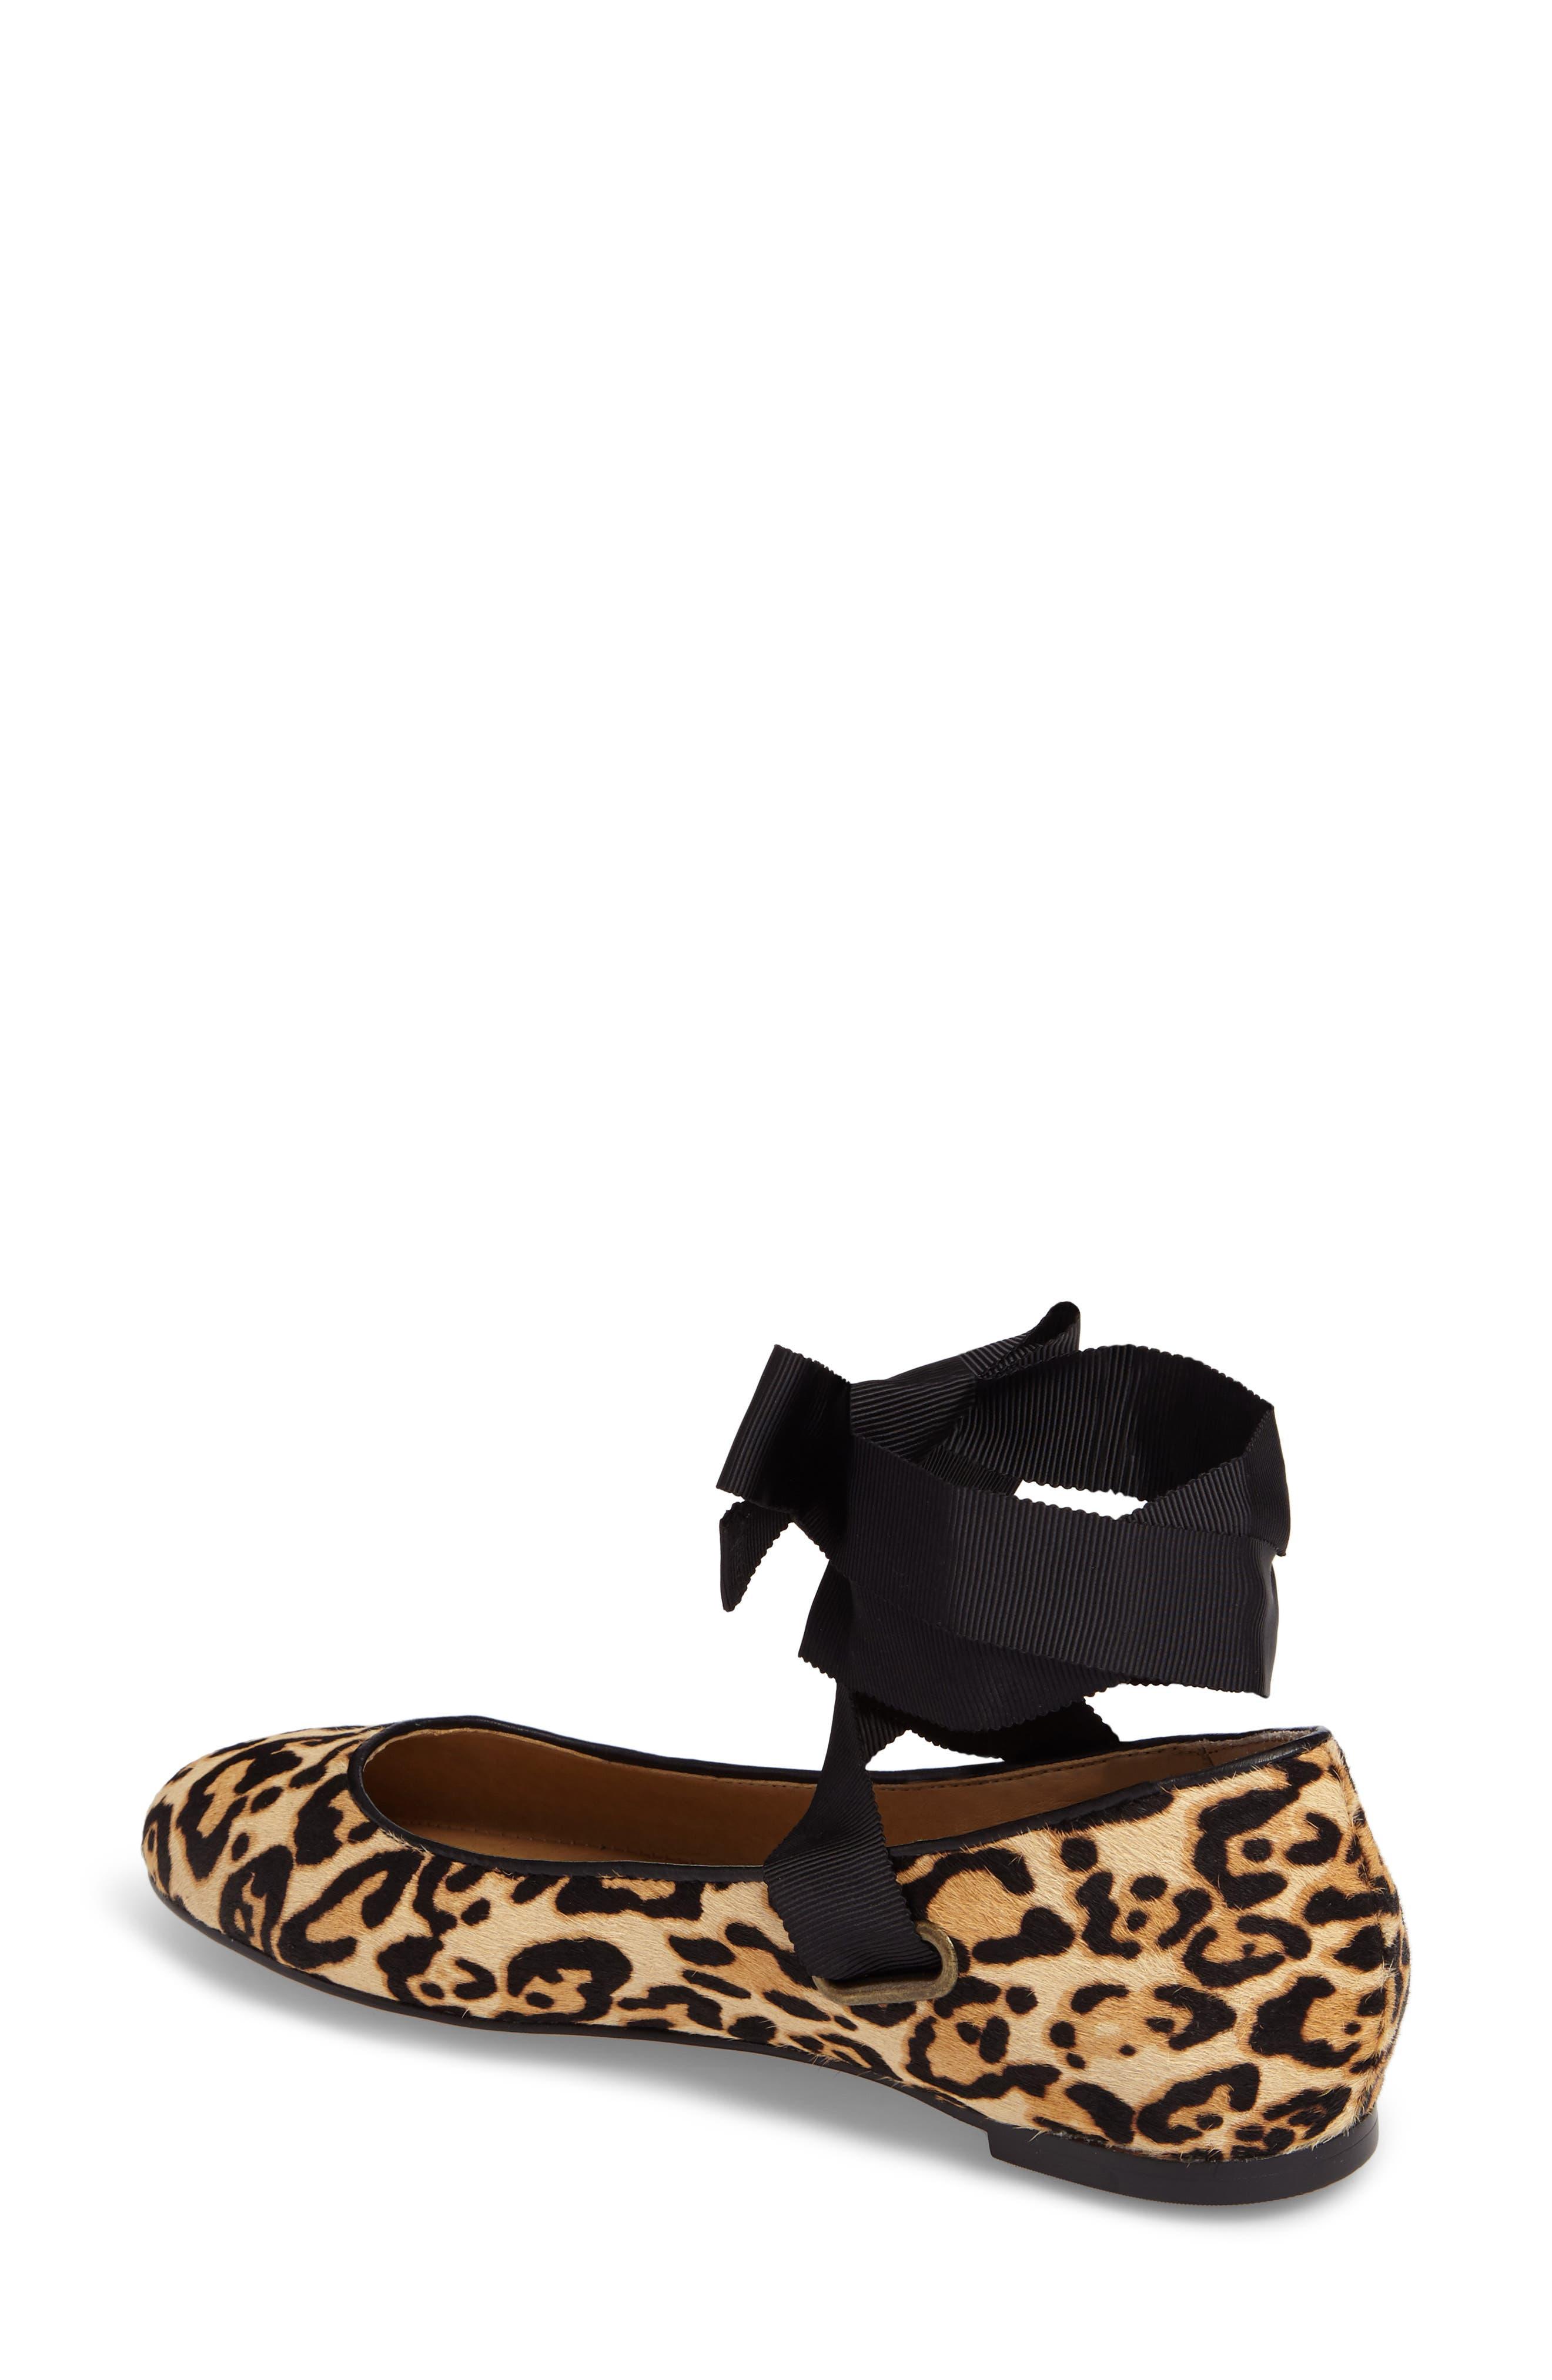 Renee II Genuine Calf Hair Ankle Tie Flat,                             Alternate thumbnail 2, color,                             Leopard Calf Hair